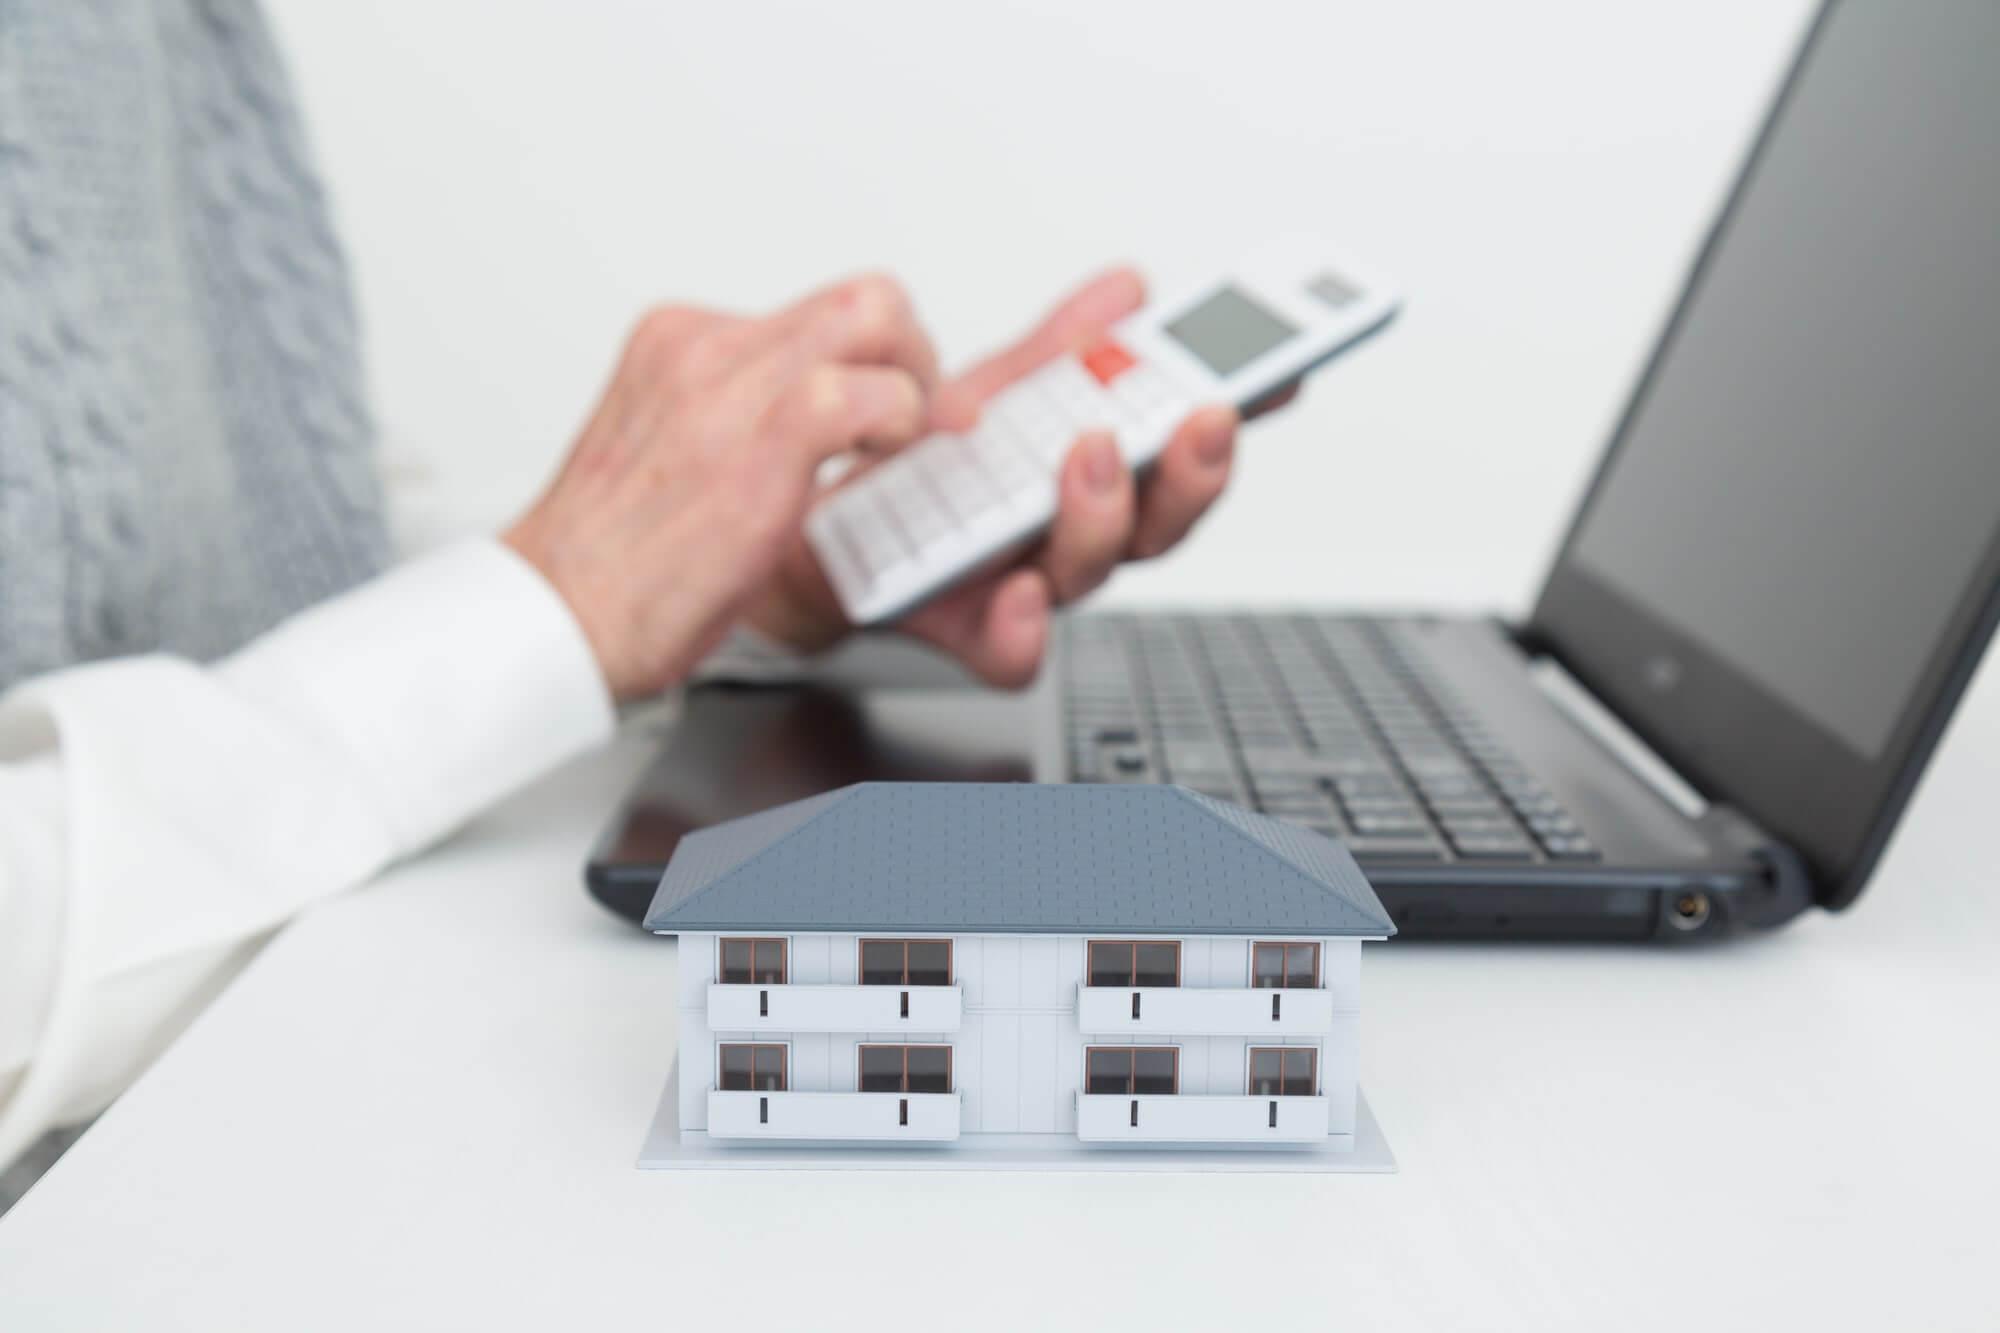 オーナーチェンジ物件の管理会社の変更方法について詳しく解説